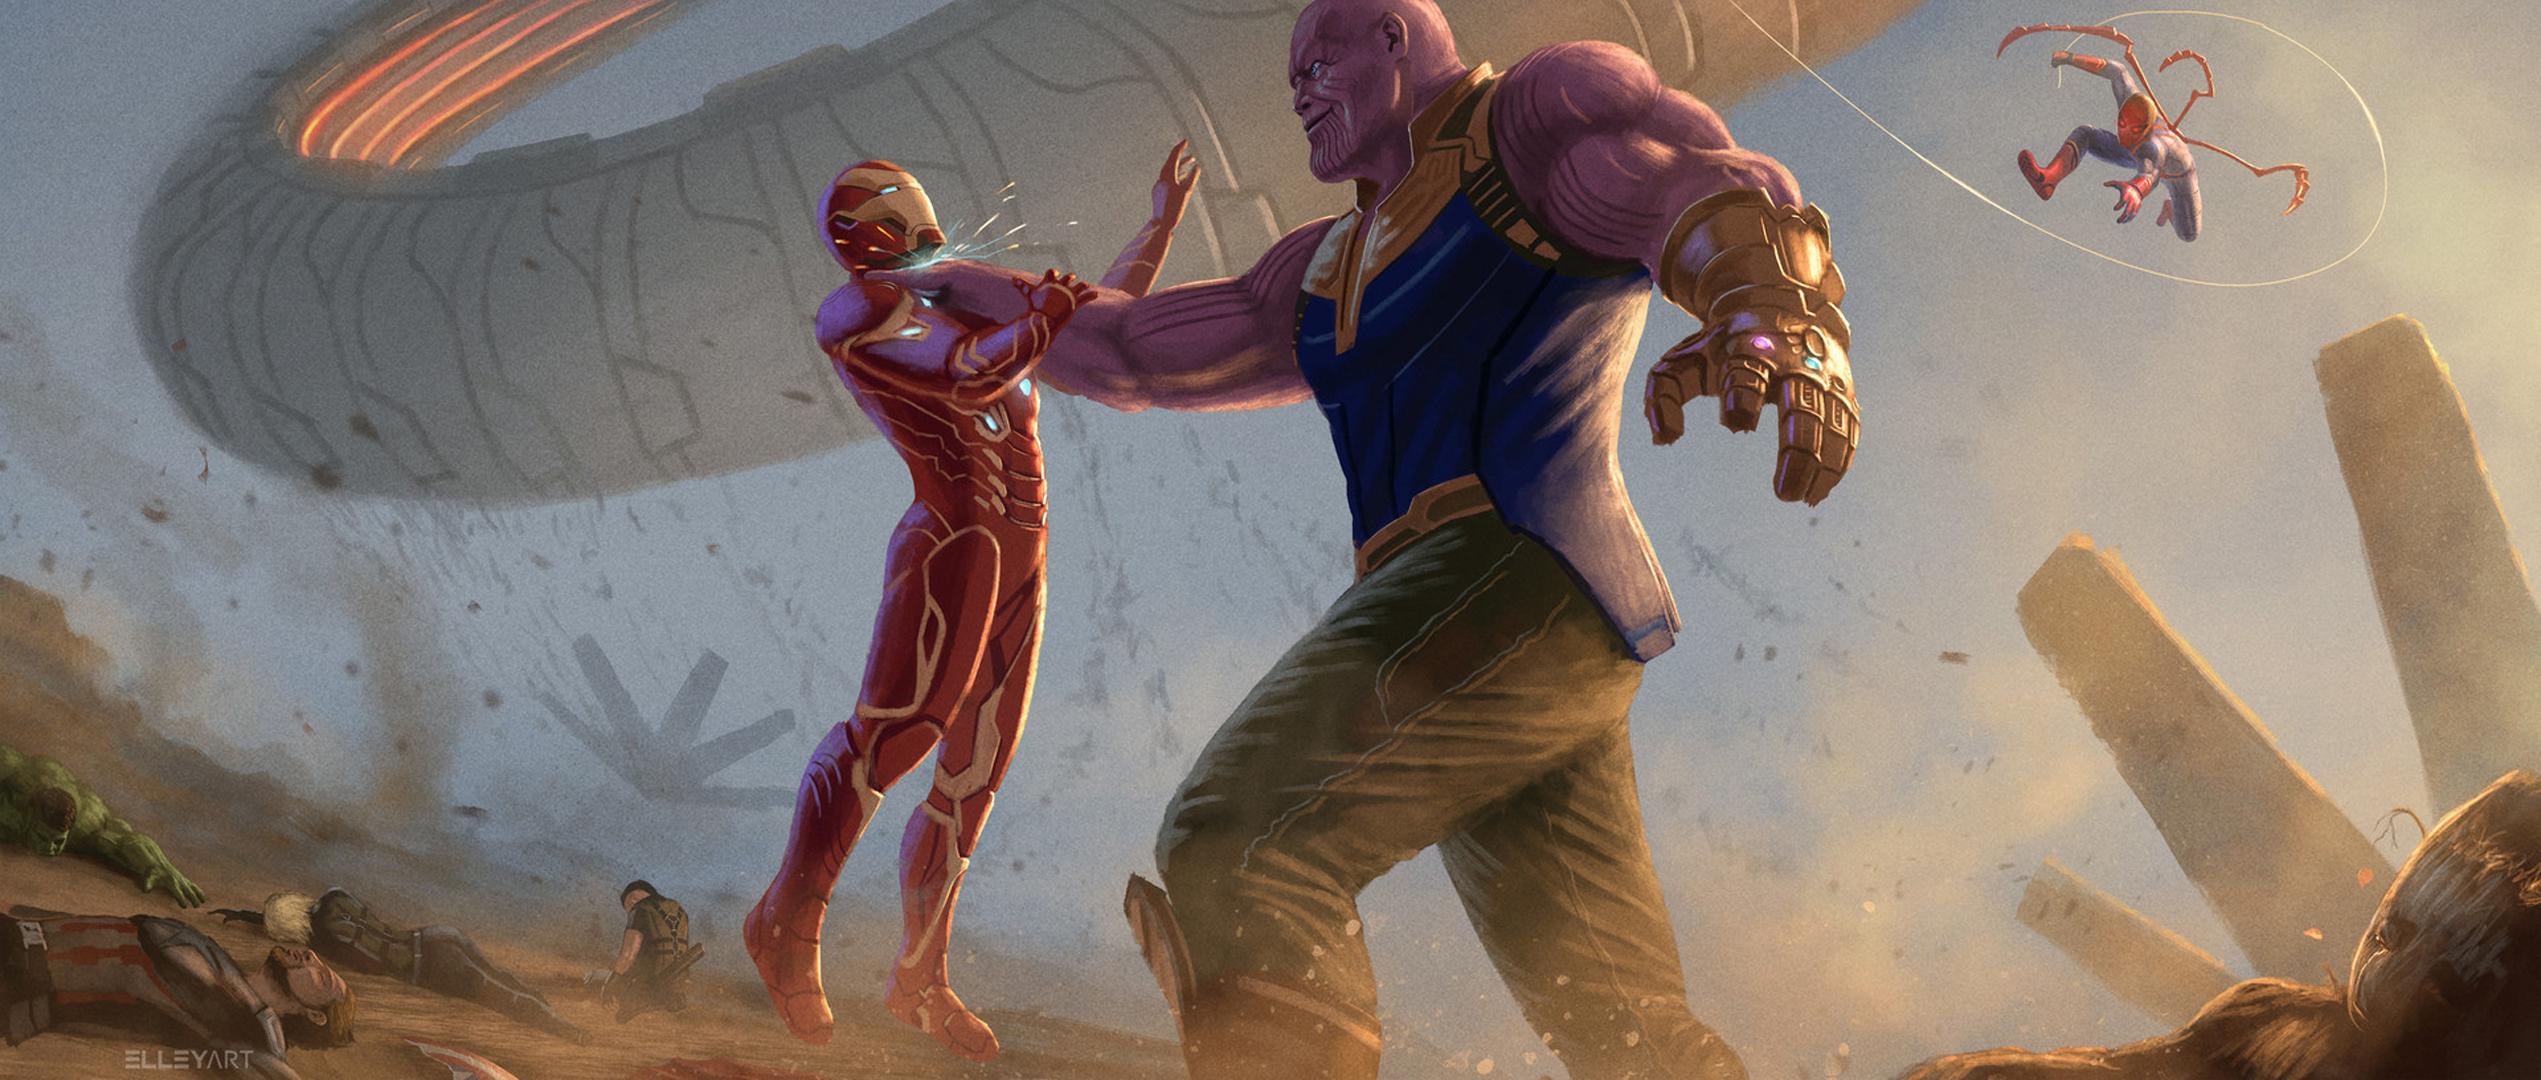 Wallpaper Thanos Avengers Infinity War Artwork Hd